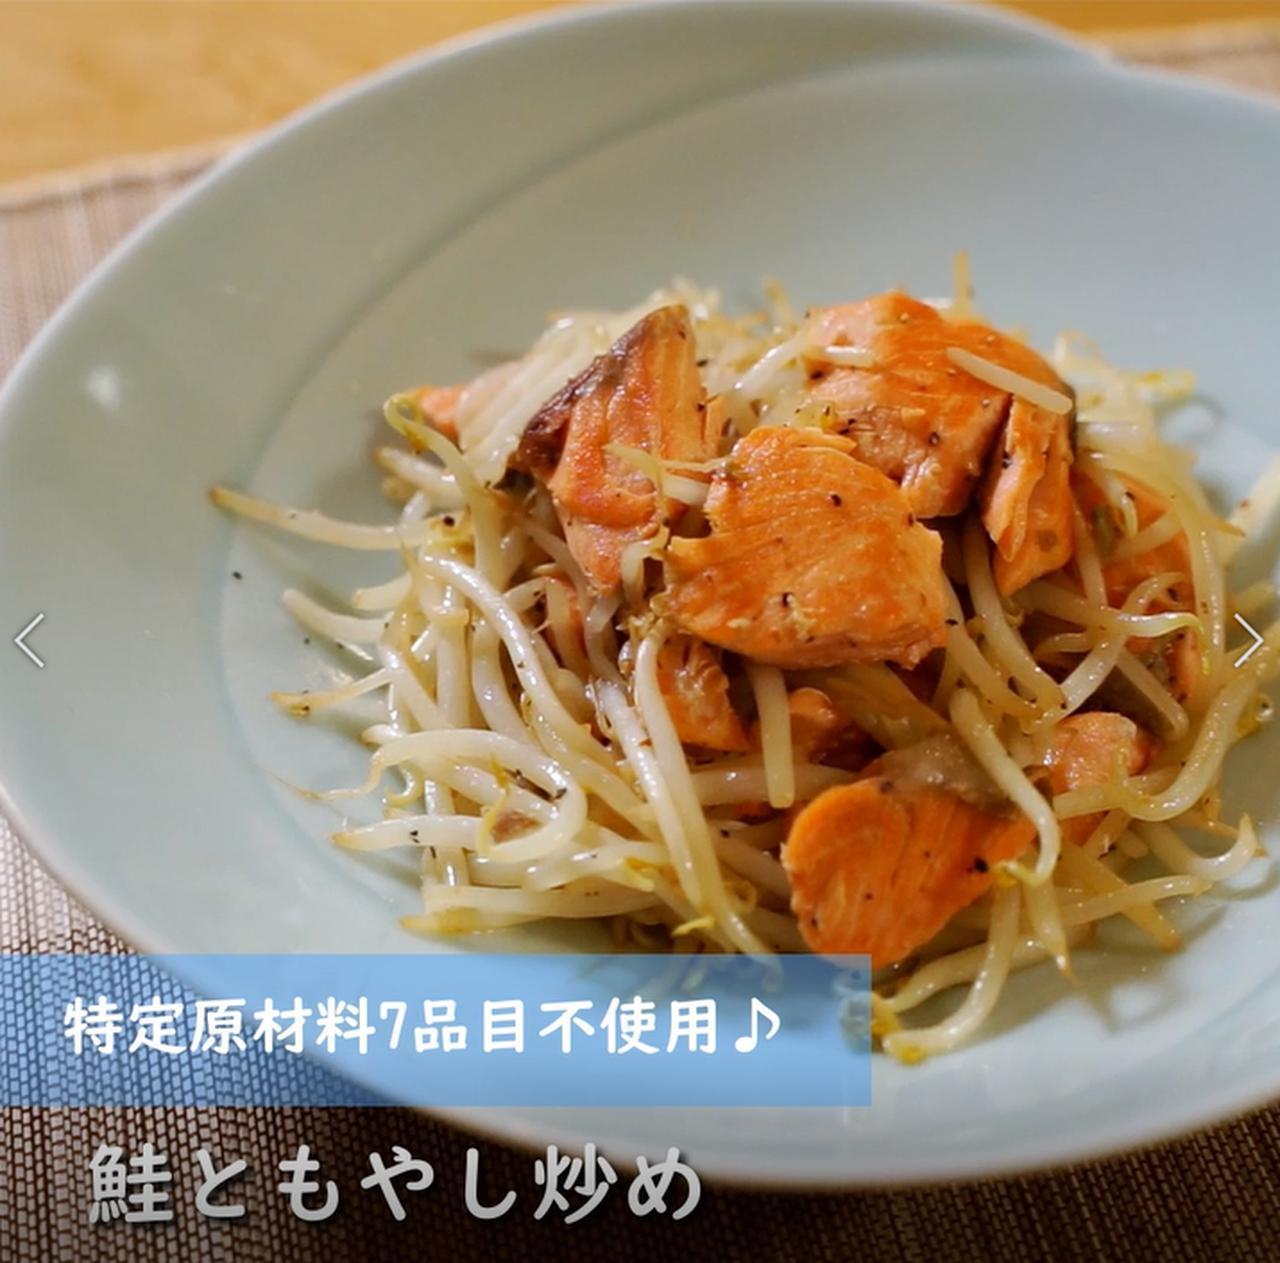 画像: シンプル簡単に出来る鮭ともやし炒め - 君とごはん